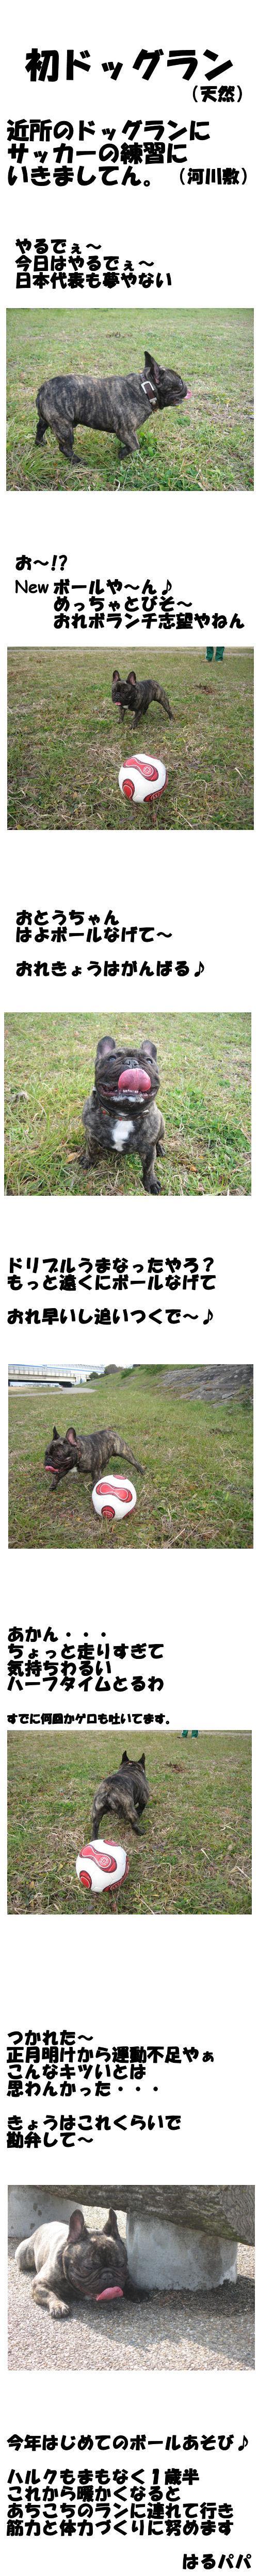 がんばれ♪日本代表犬